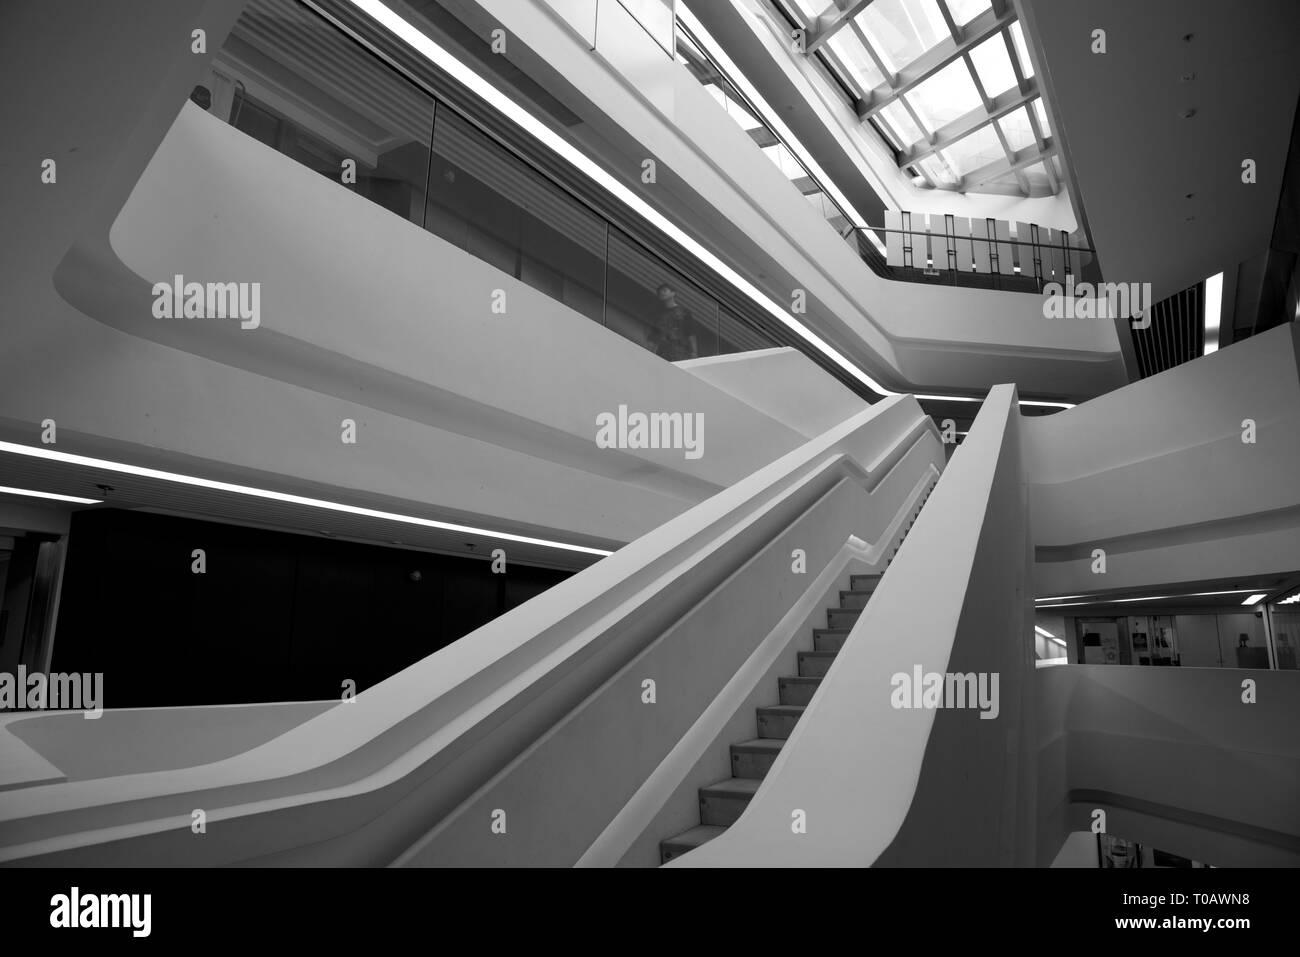 The Hong Kong Polytechnic University - Hong Kong - building interior Stock Photo